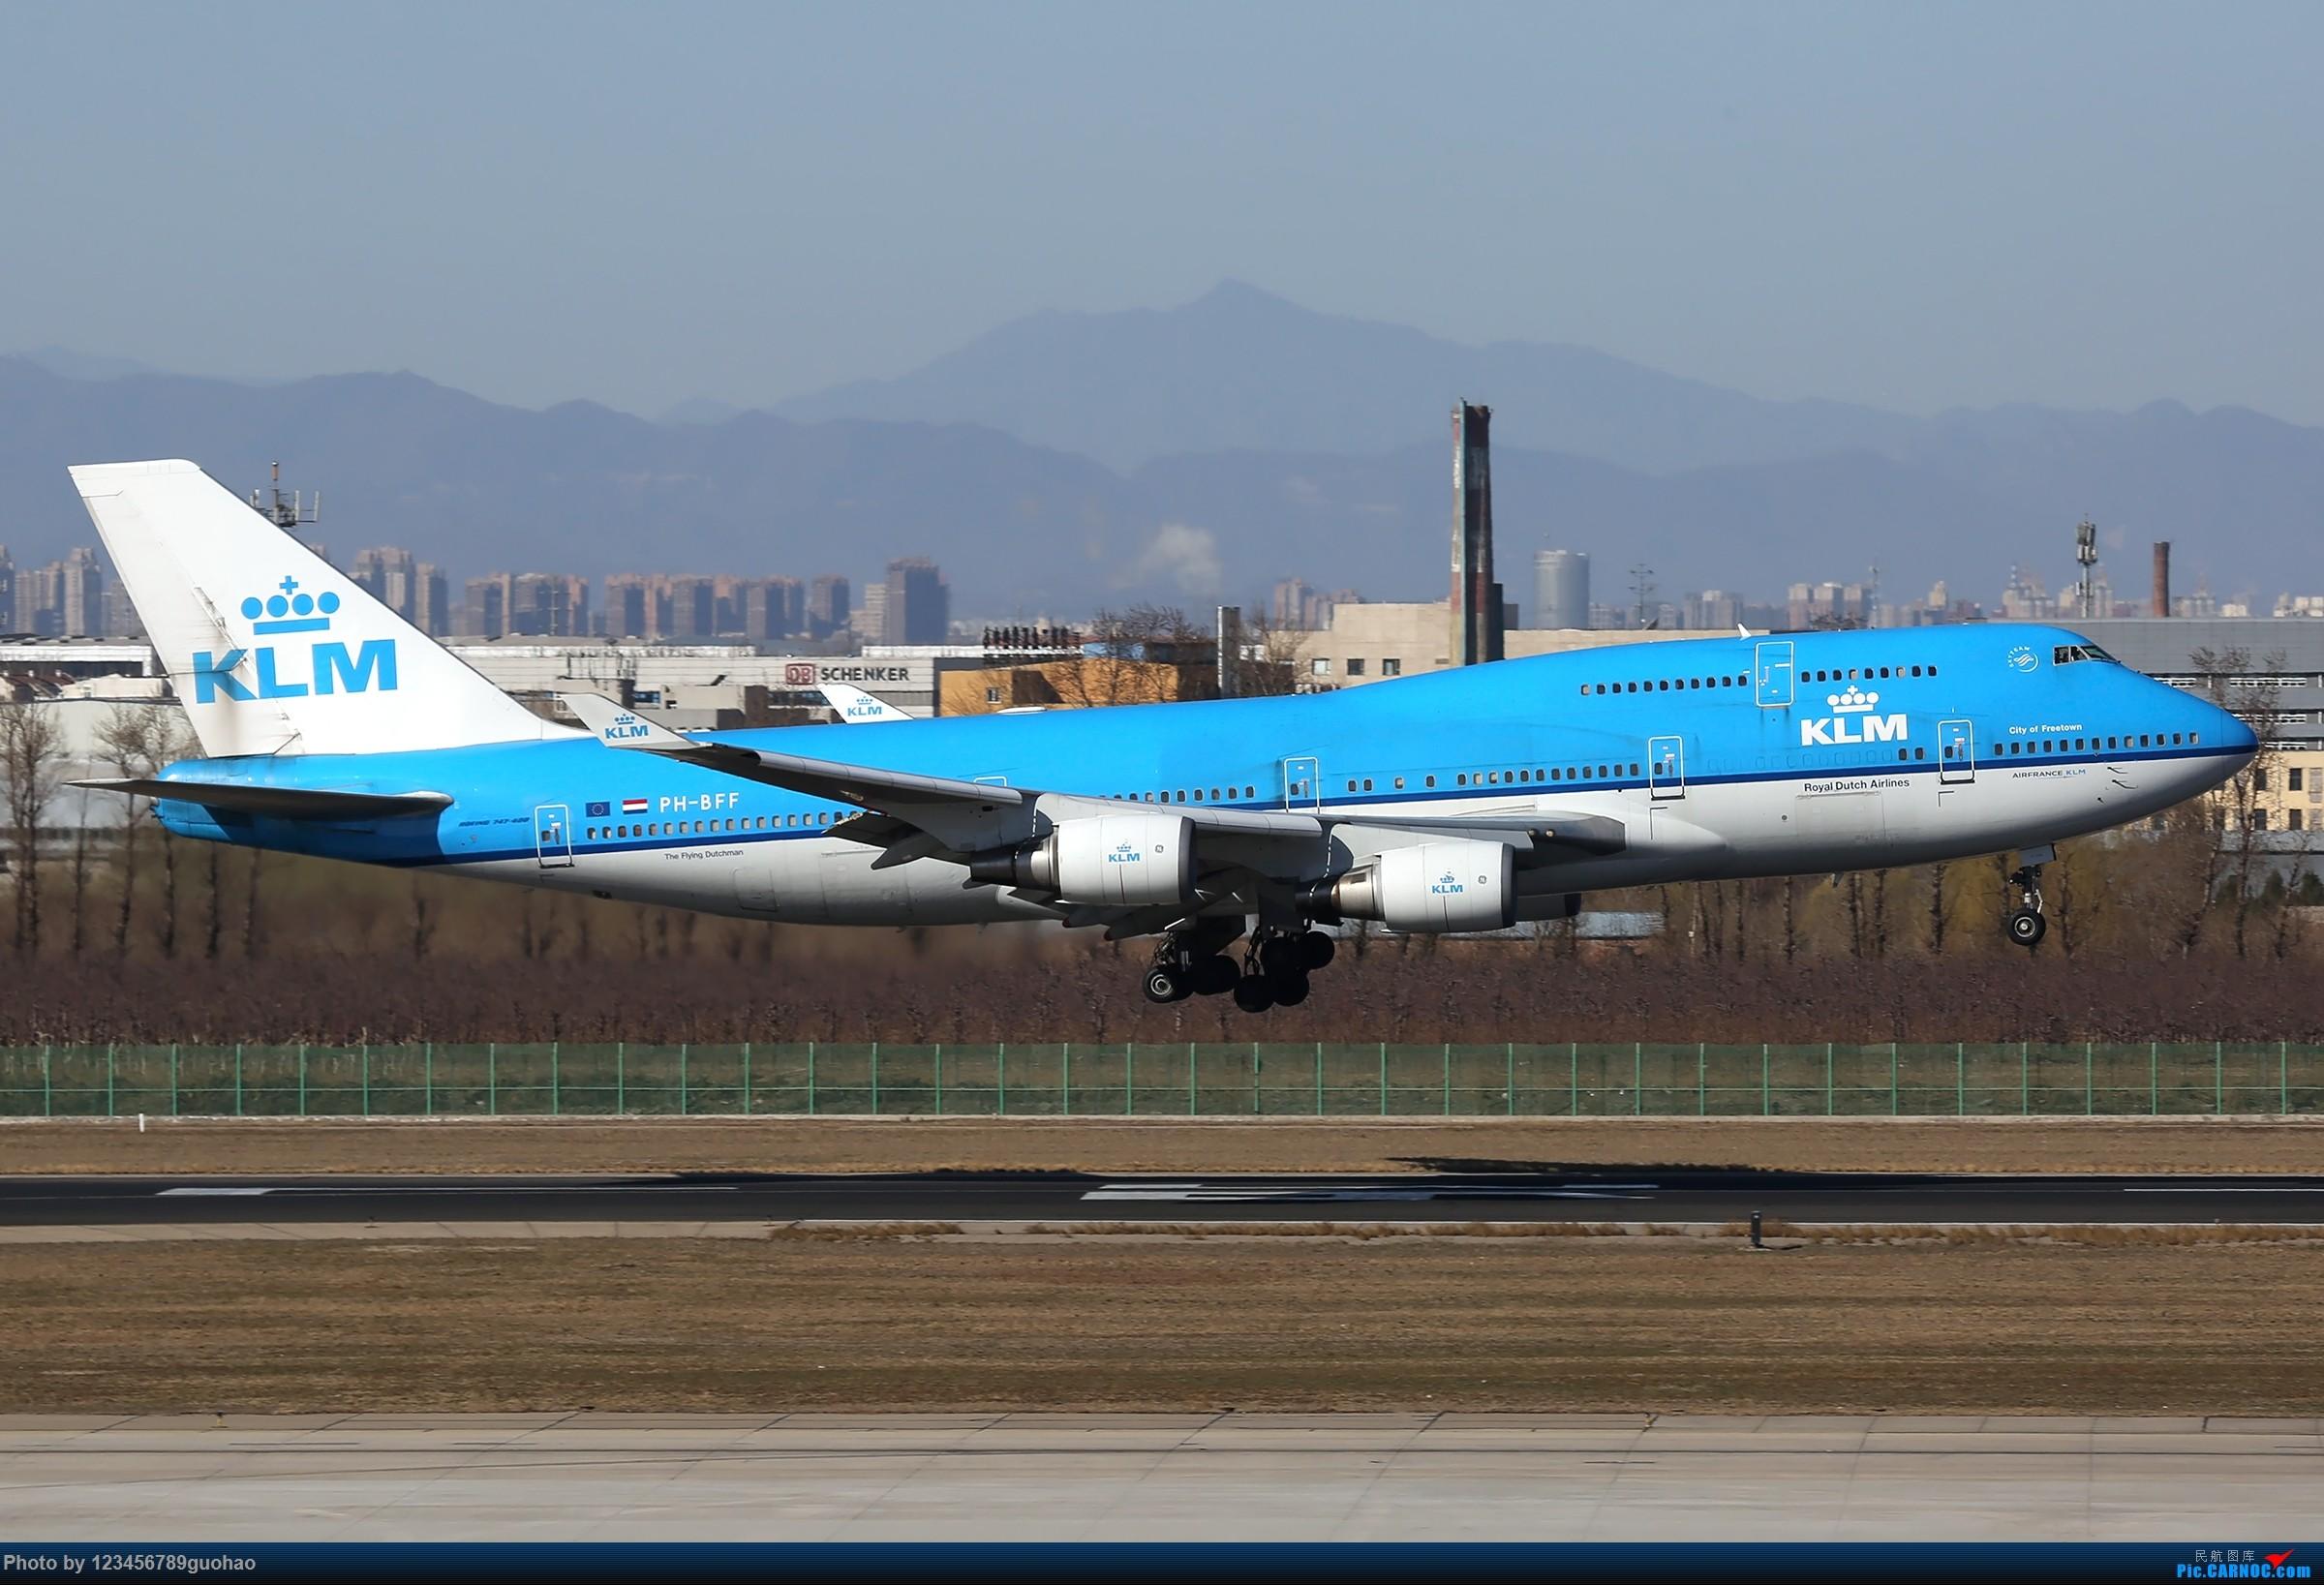 Re:[原创]PEK格林豪泰一组 BOEING 747-400 PH-BFF 北京首都国际机场